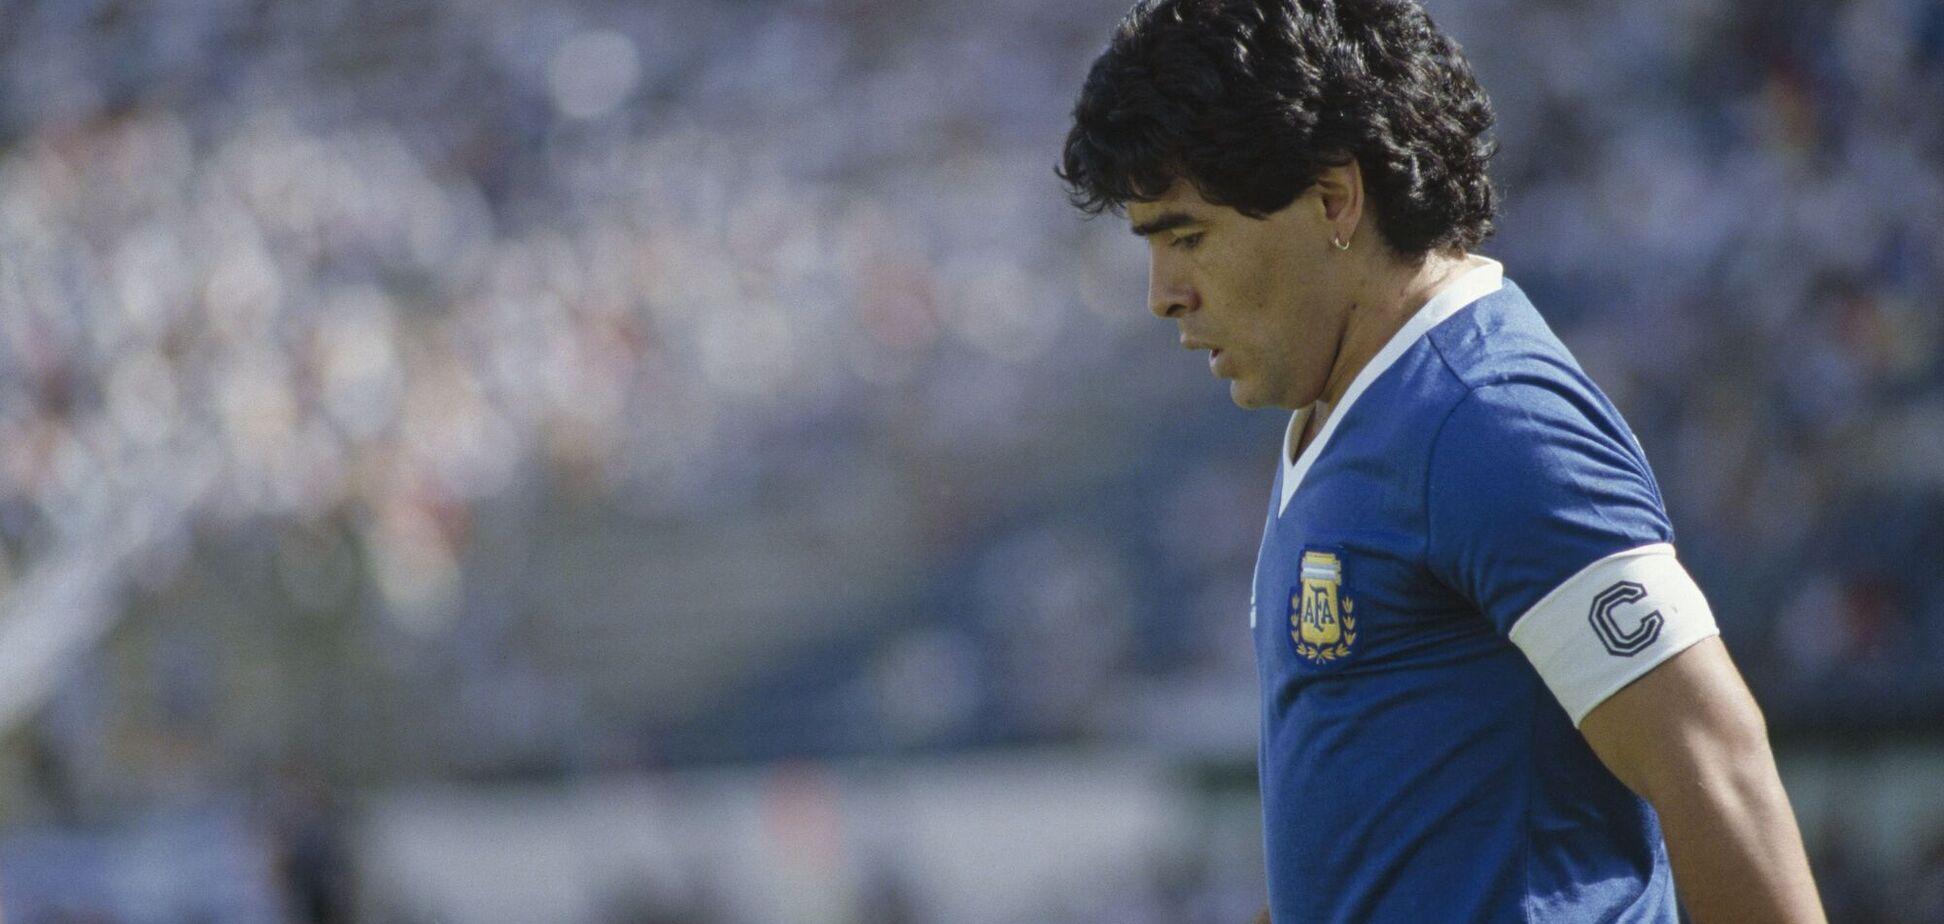 Іспанська футболістка назвала Марадону педофілом і насильником та відмовилася вшанувати його пам'ять